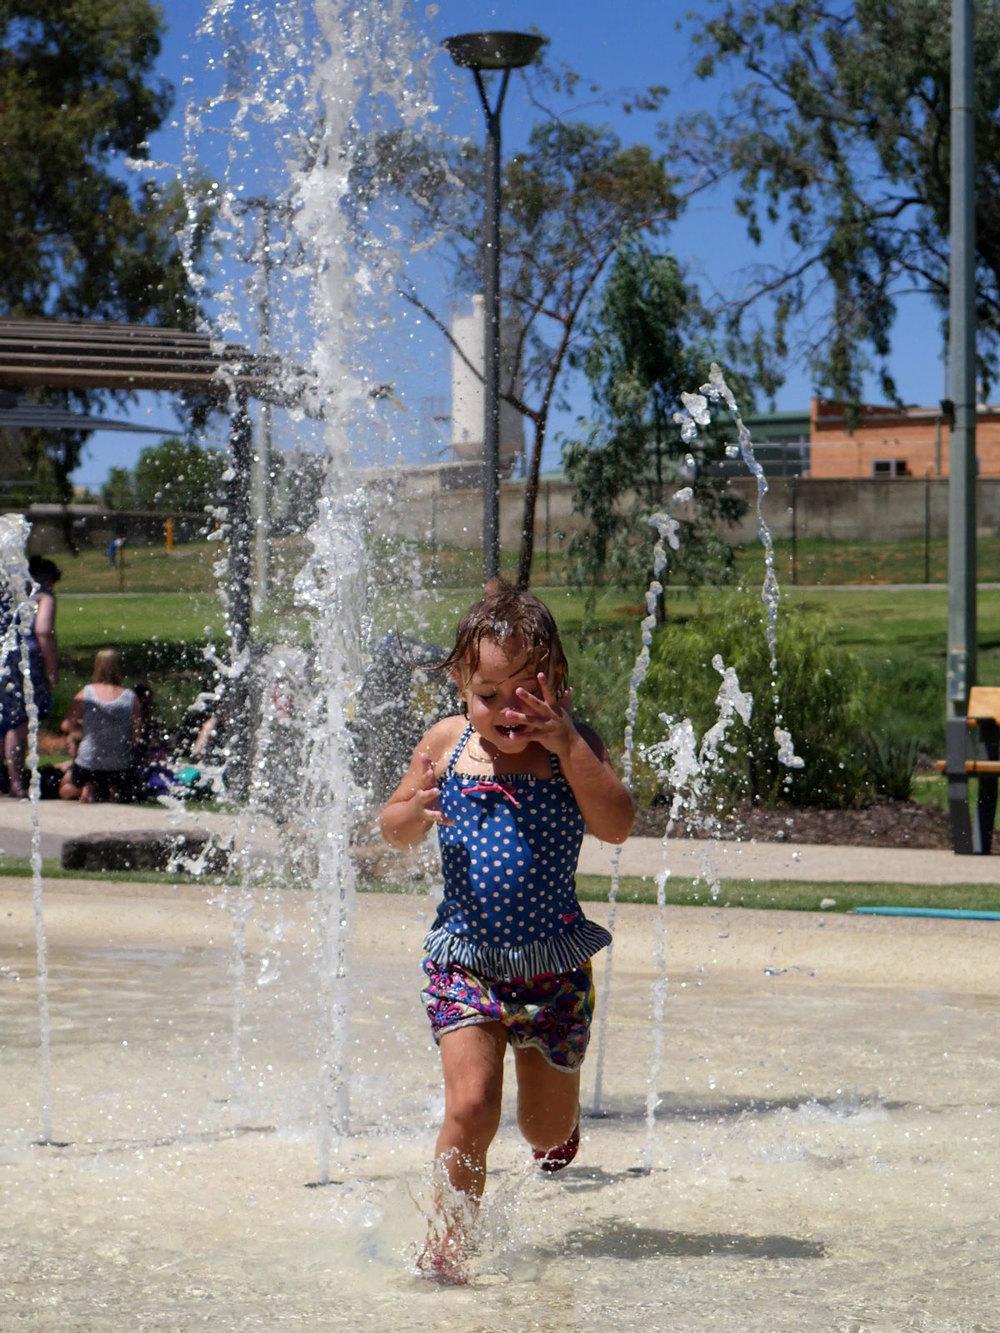 splash-park-6.jpg